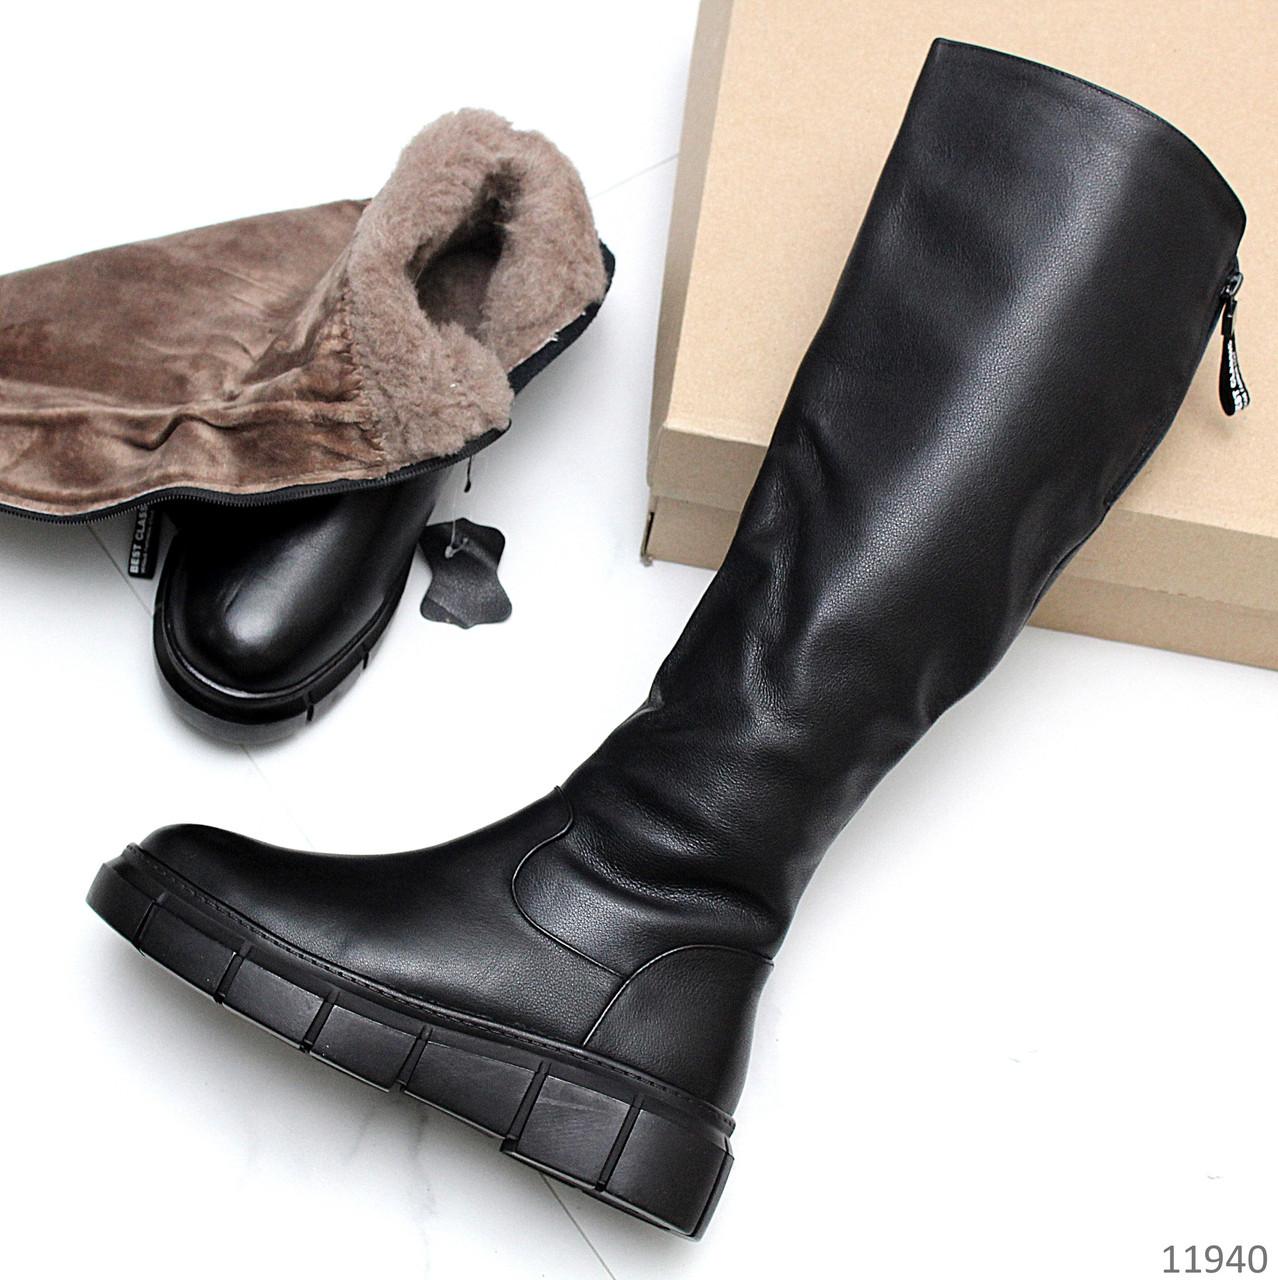 Натуральна шкіра теплі зимові чорні жіночі чоботи натуральна цигейка низький хід